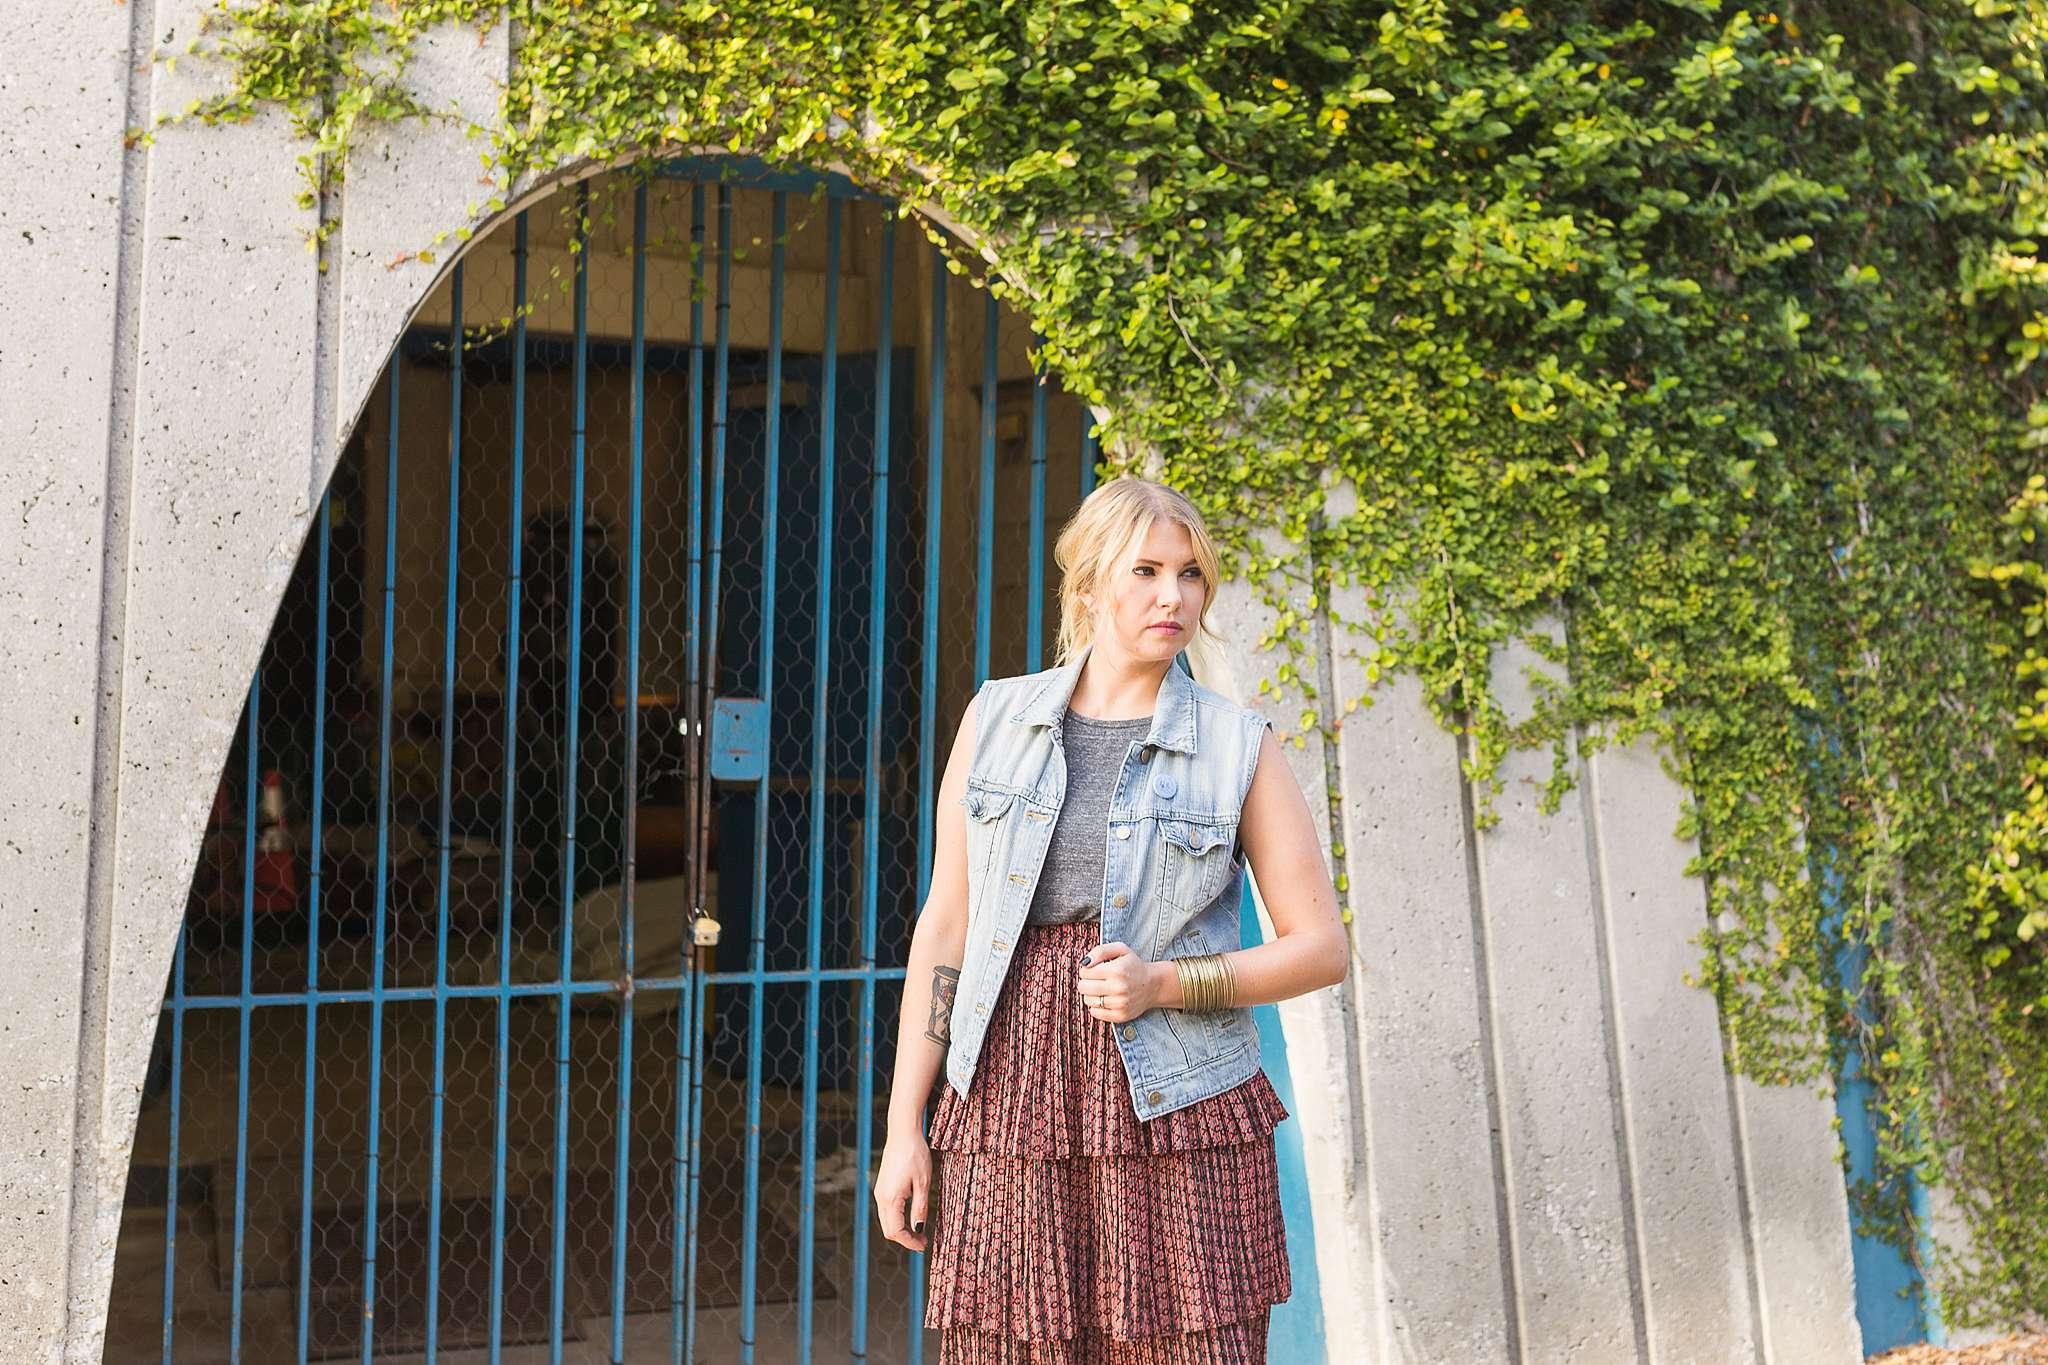 Amber-Nicole-Portrait-Jacksonville-Florida_0376.jpg